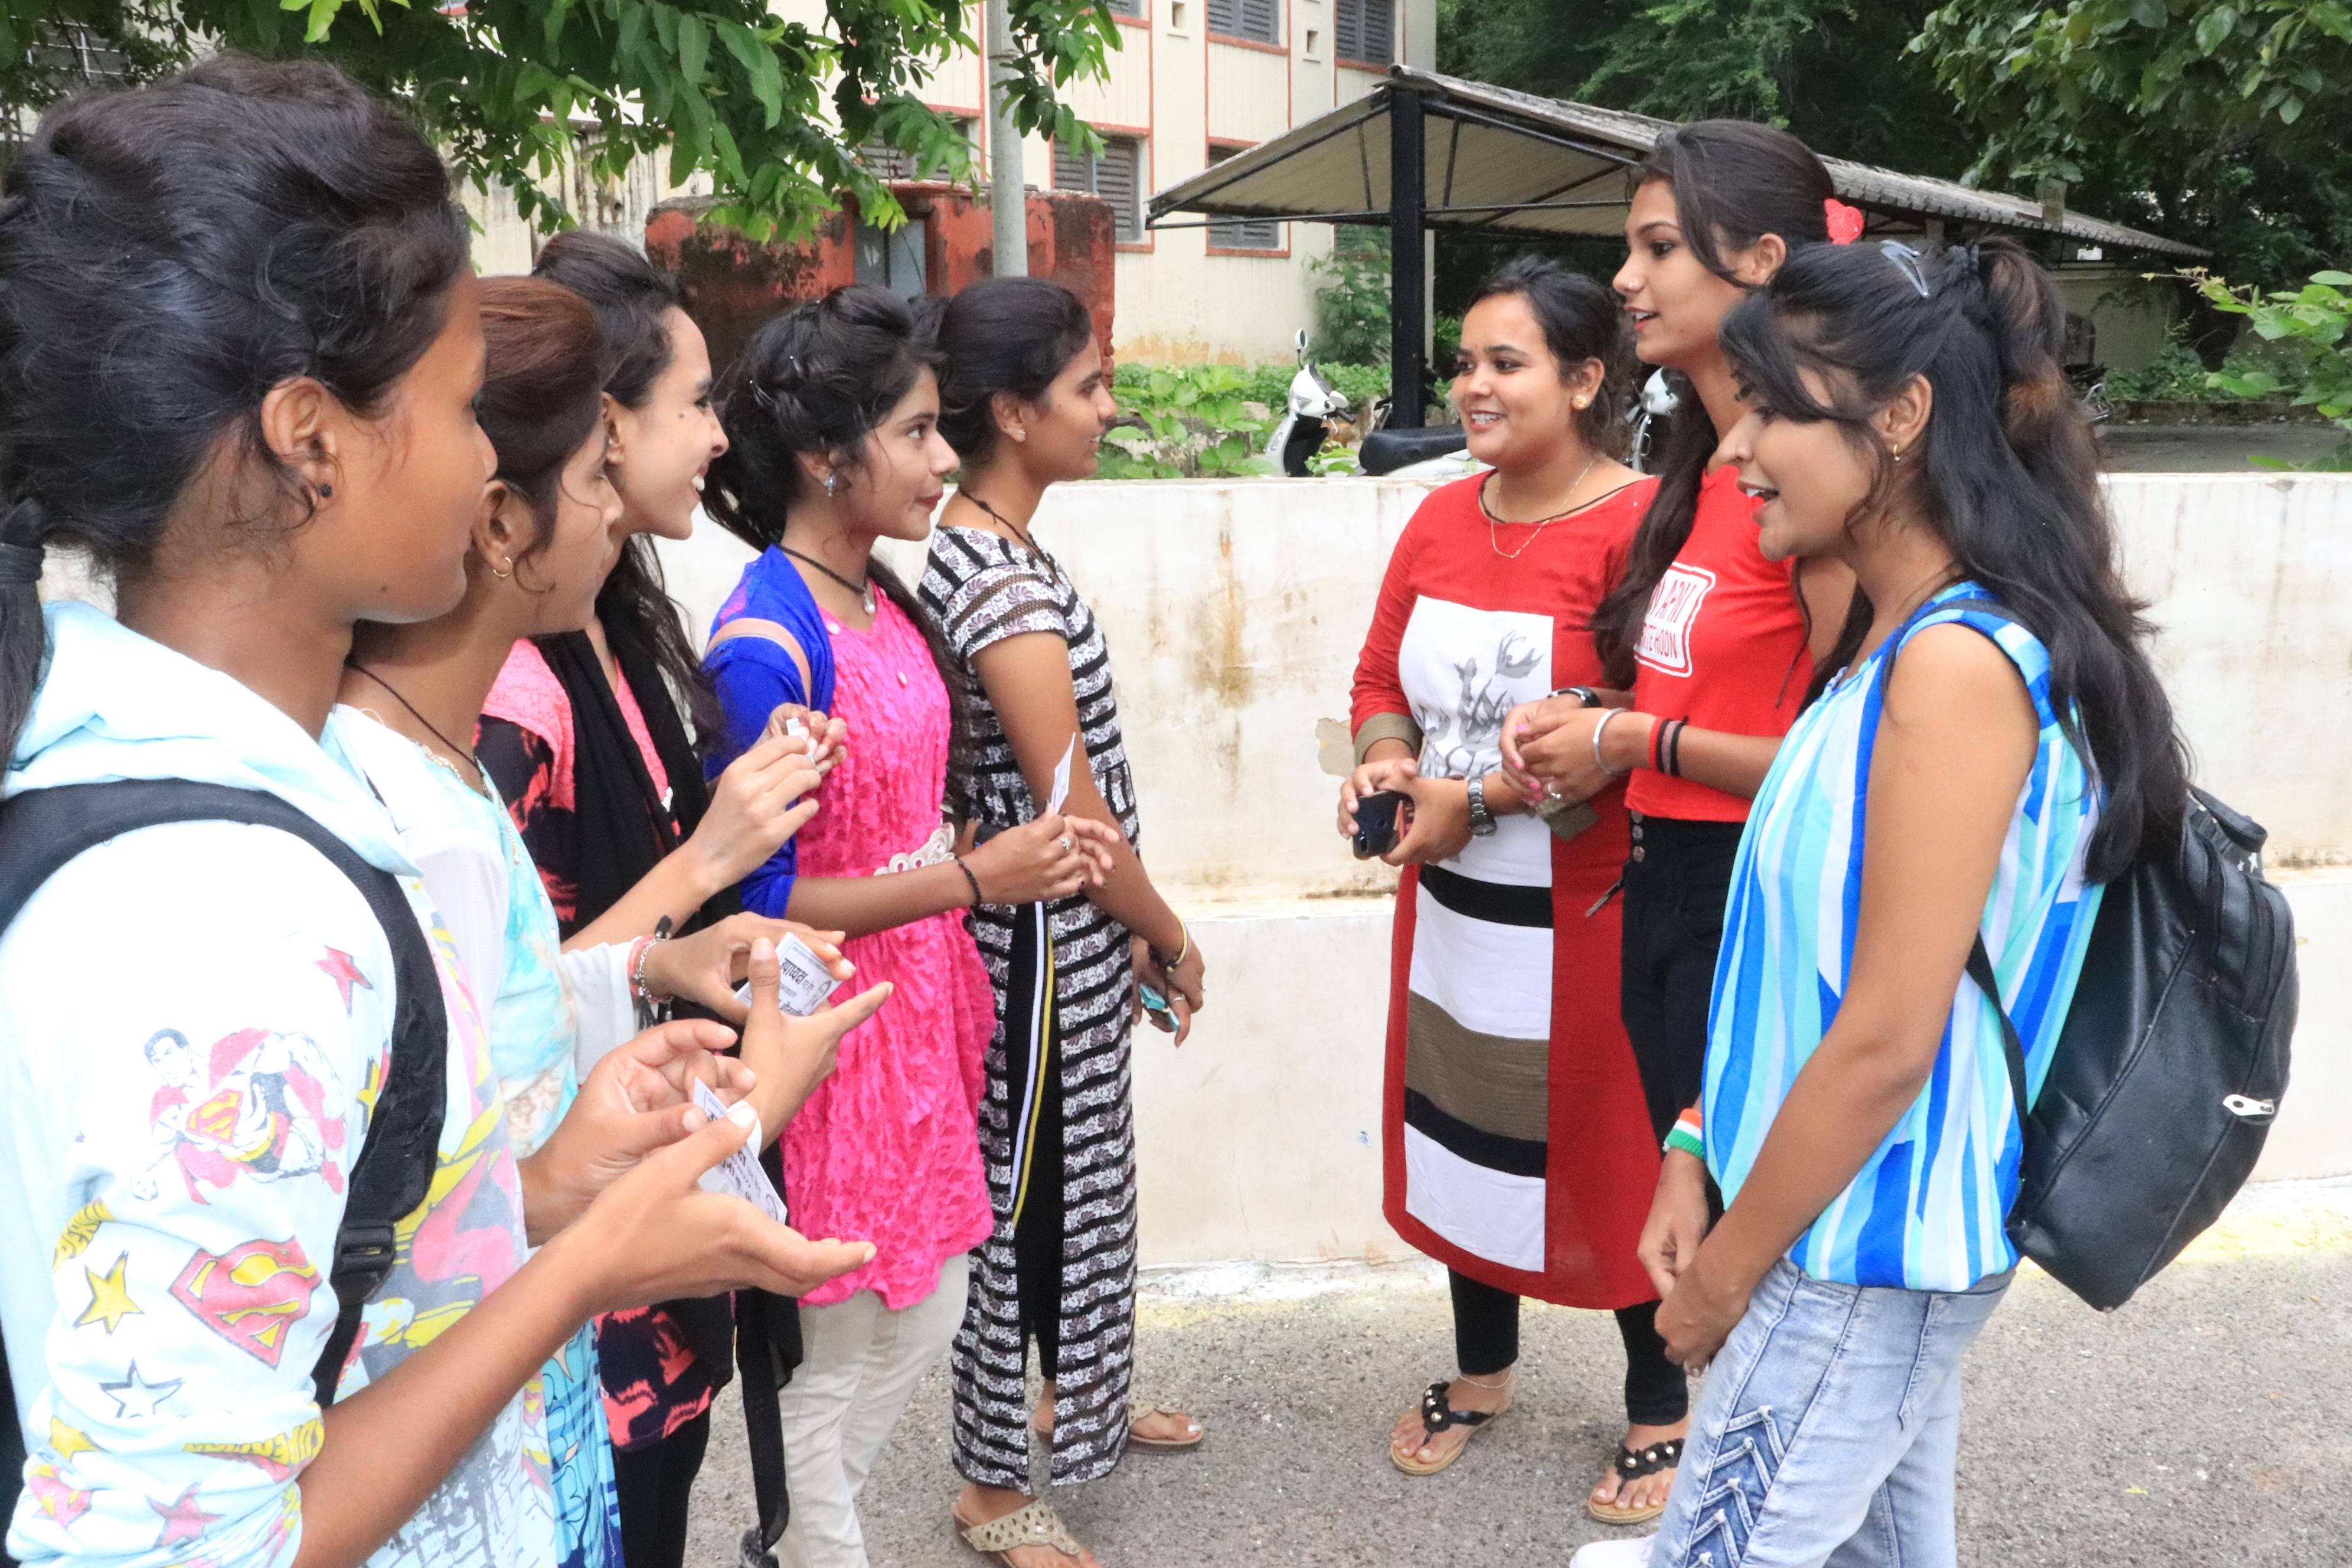 student election: स्टूडेंट इलेक्शन काउंटडाउन, जुटे आईकार्ड बनाने में